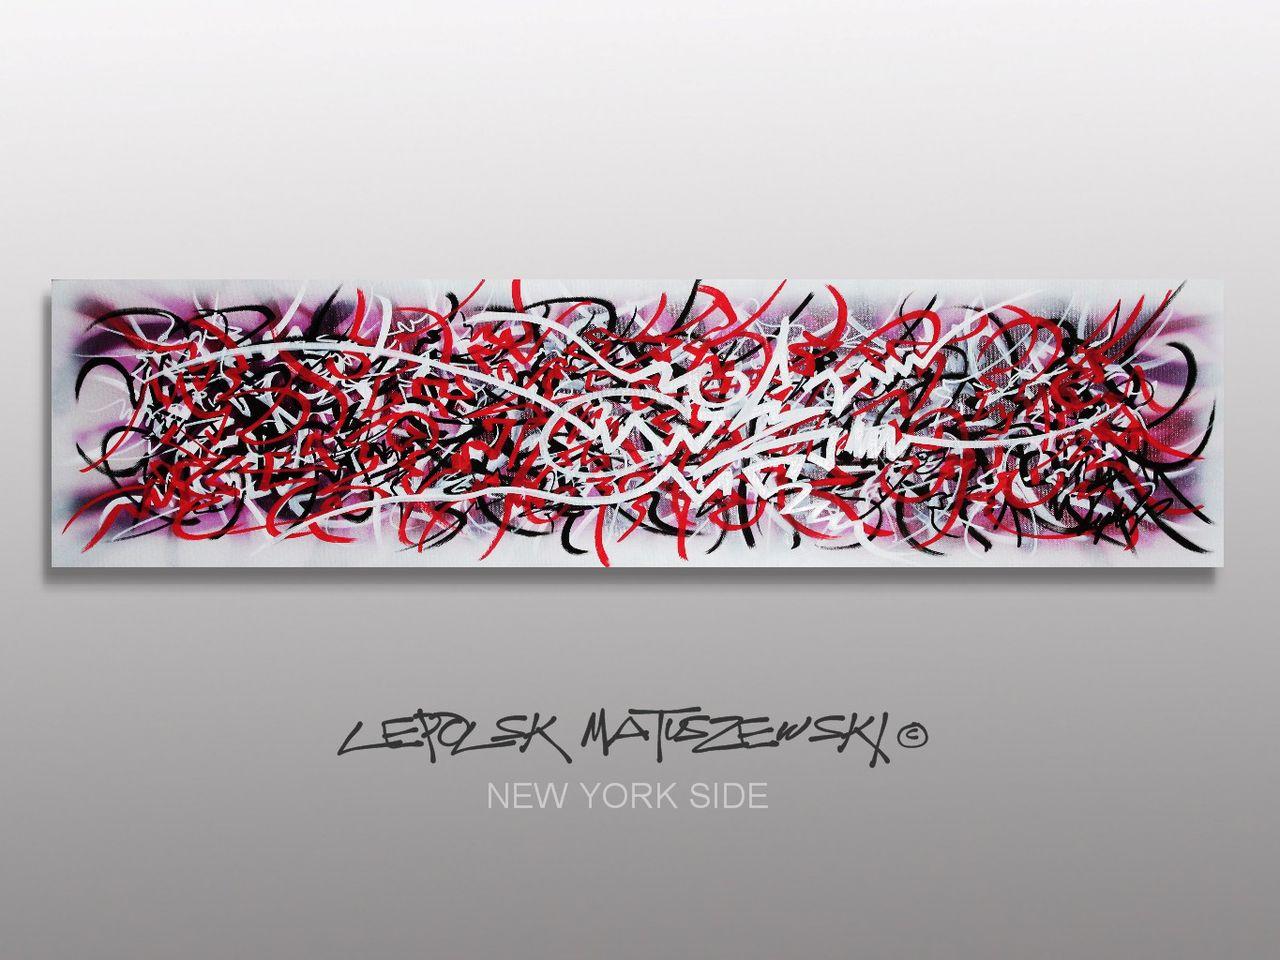 MISTER K  (Lepolsk Matuszewski) NEW YORK LEFT SIDE   Street art callifgraffiti graffiti abstrait